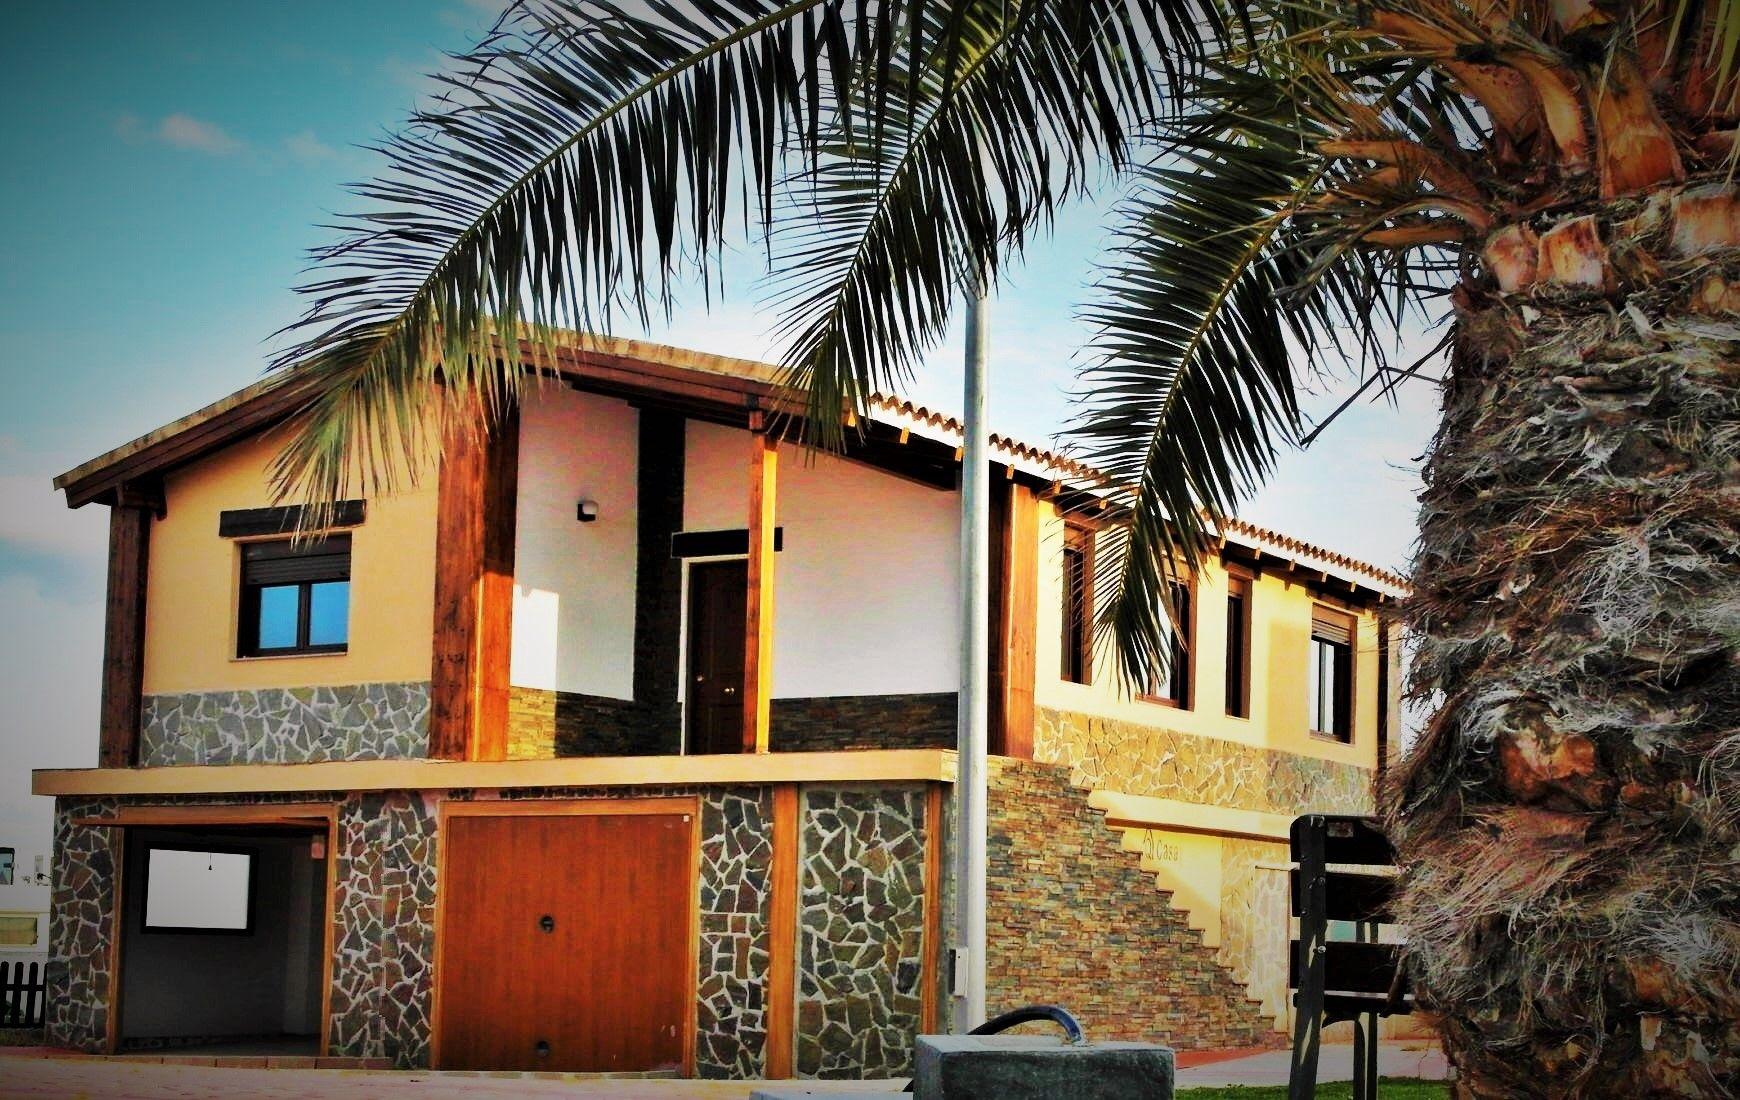 Casa prefabricada de hormigon con sotano www - Viviendas prefabricadas hormigon ...